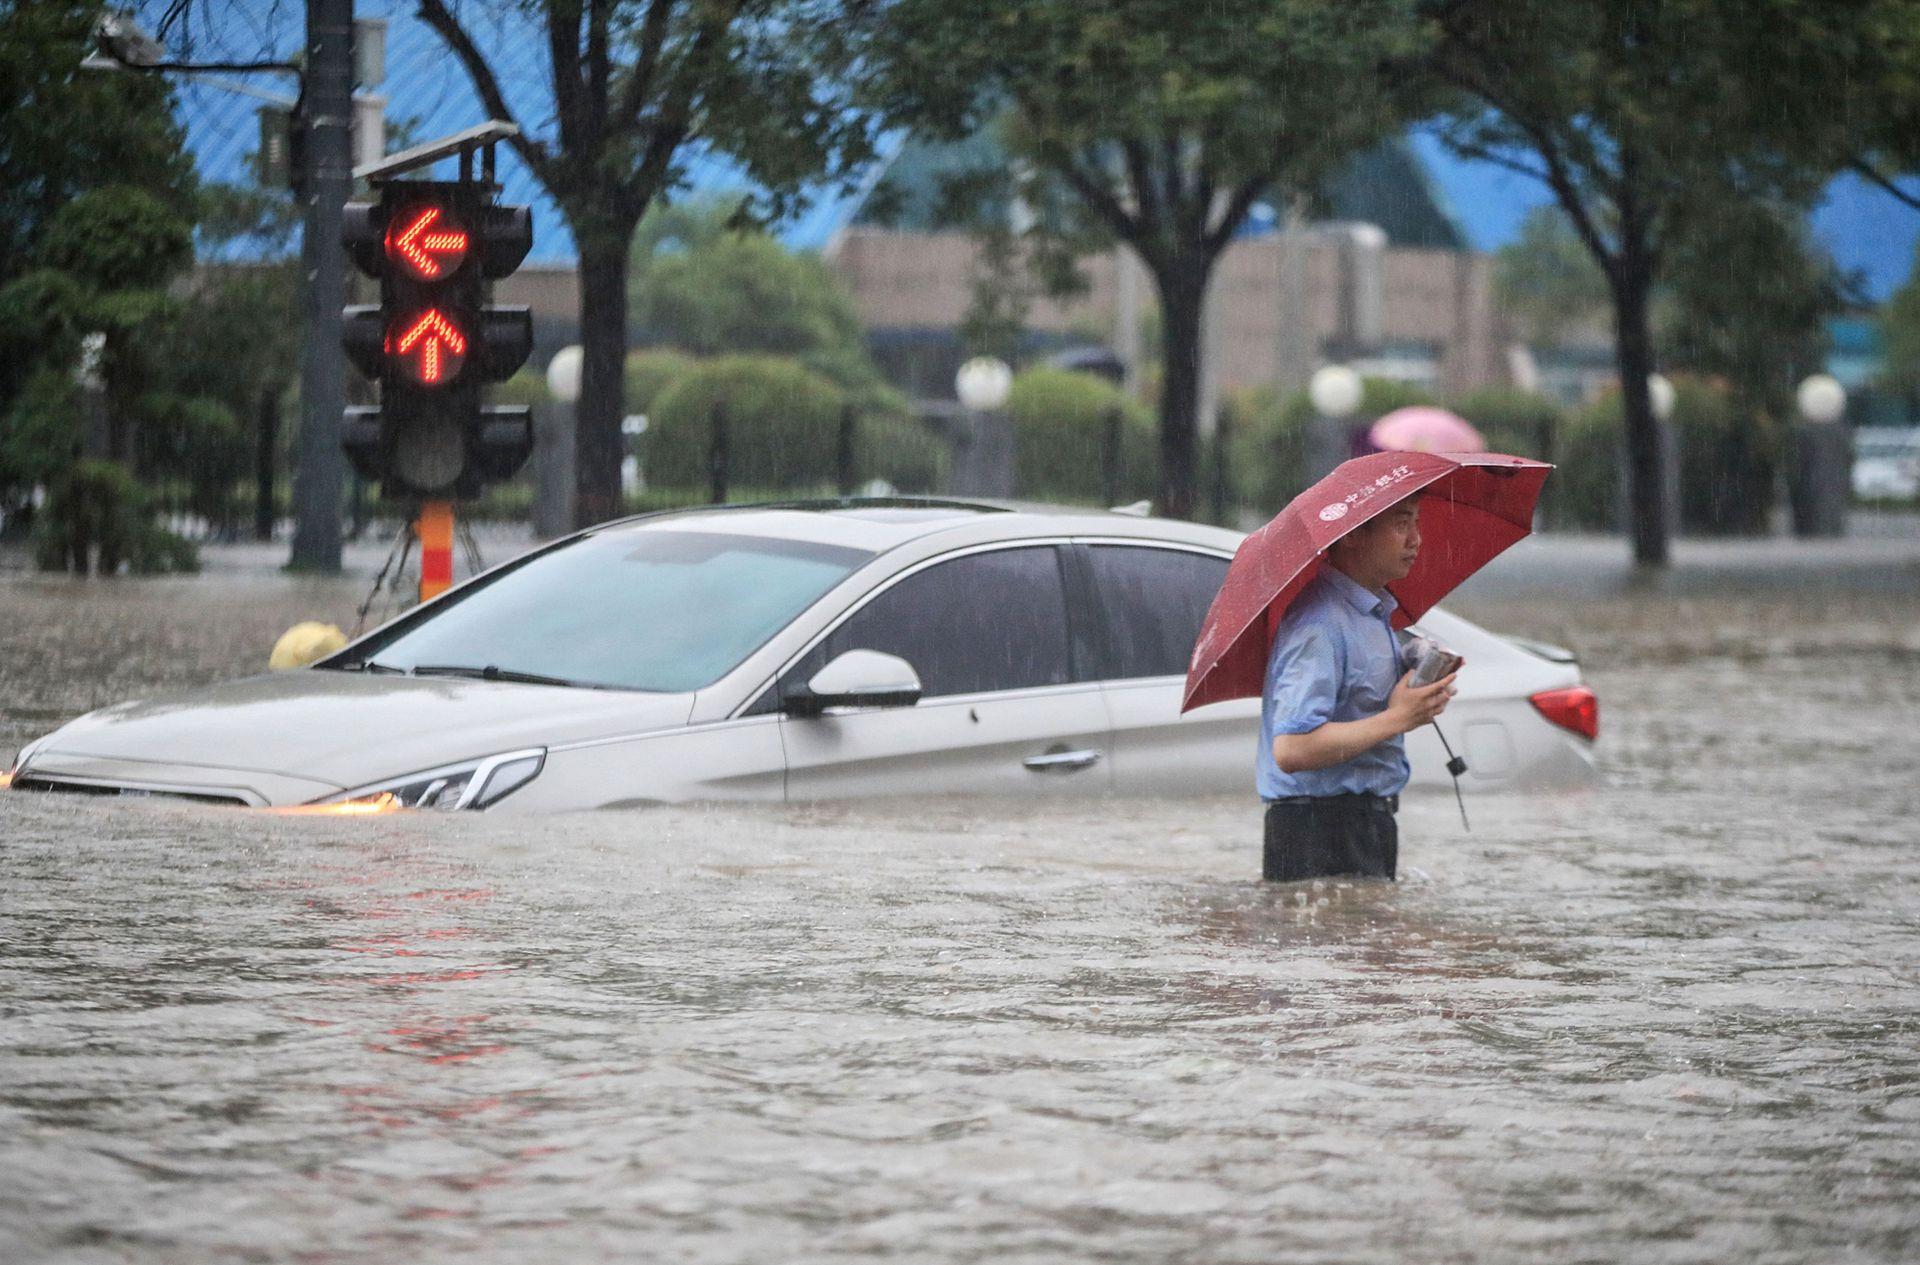 Además de Zhengzhou, otras ciudades afectadas desde el lunes son Luoyang, Xuchang, Pingdingshan y Nanyang. Las mayores lluvias se registraron en el condado de Lushan de la ciudad de Pingdingshan, con 400,8 mm de precipitaciones